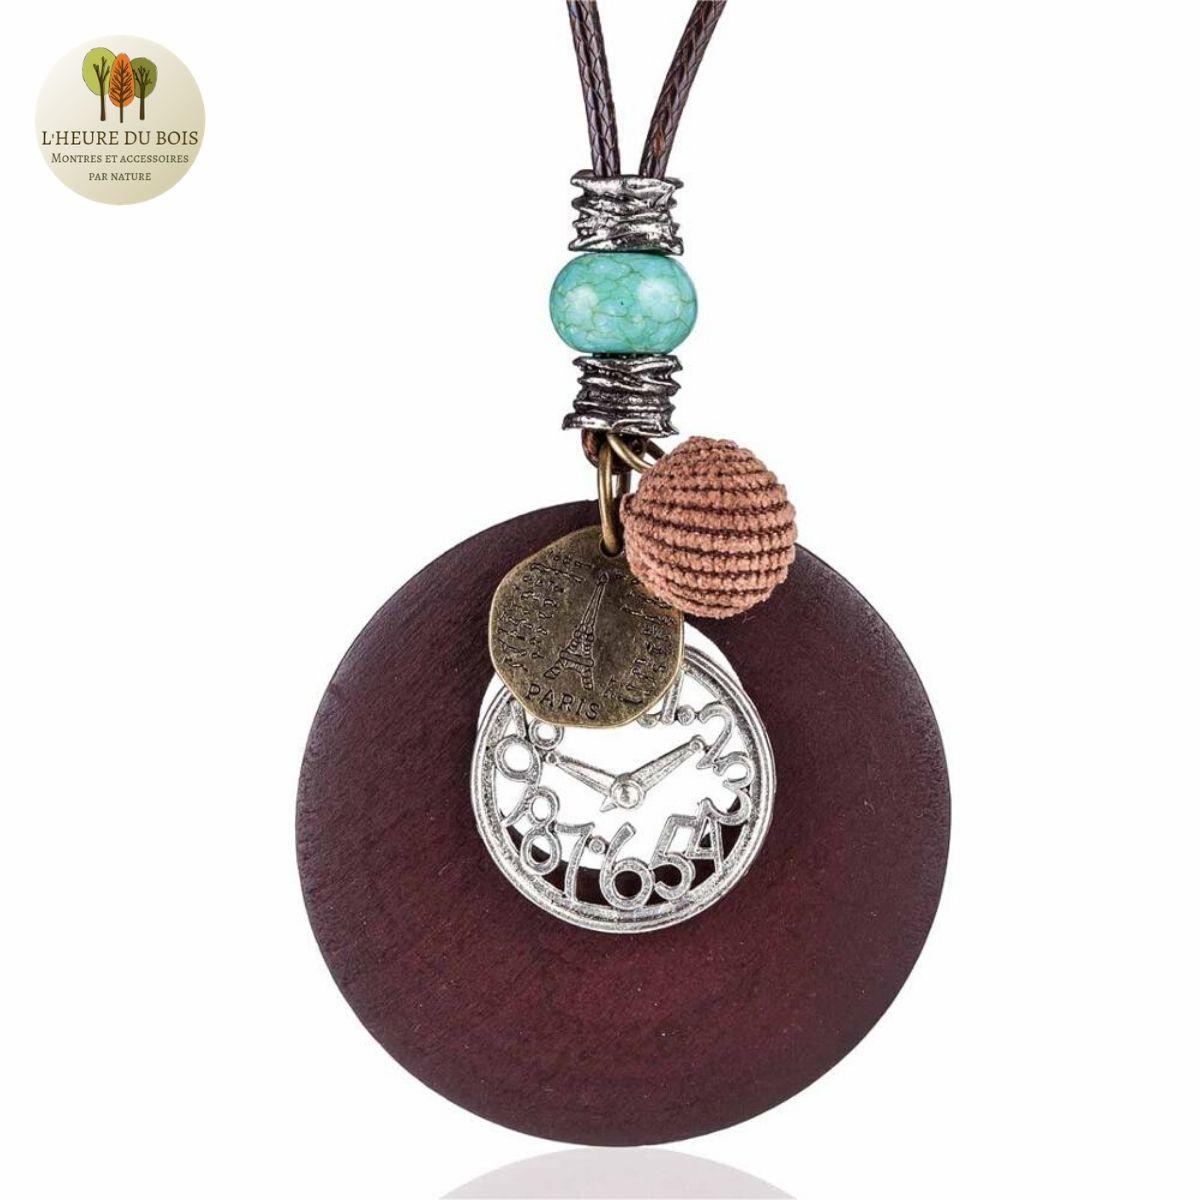 Collier long et pendentif en bois horloge (6)